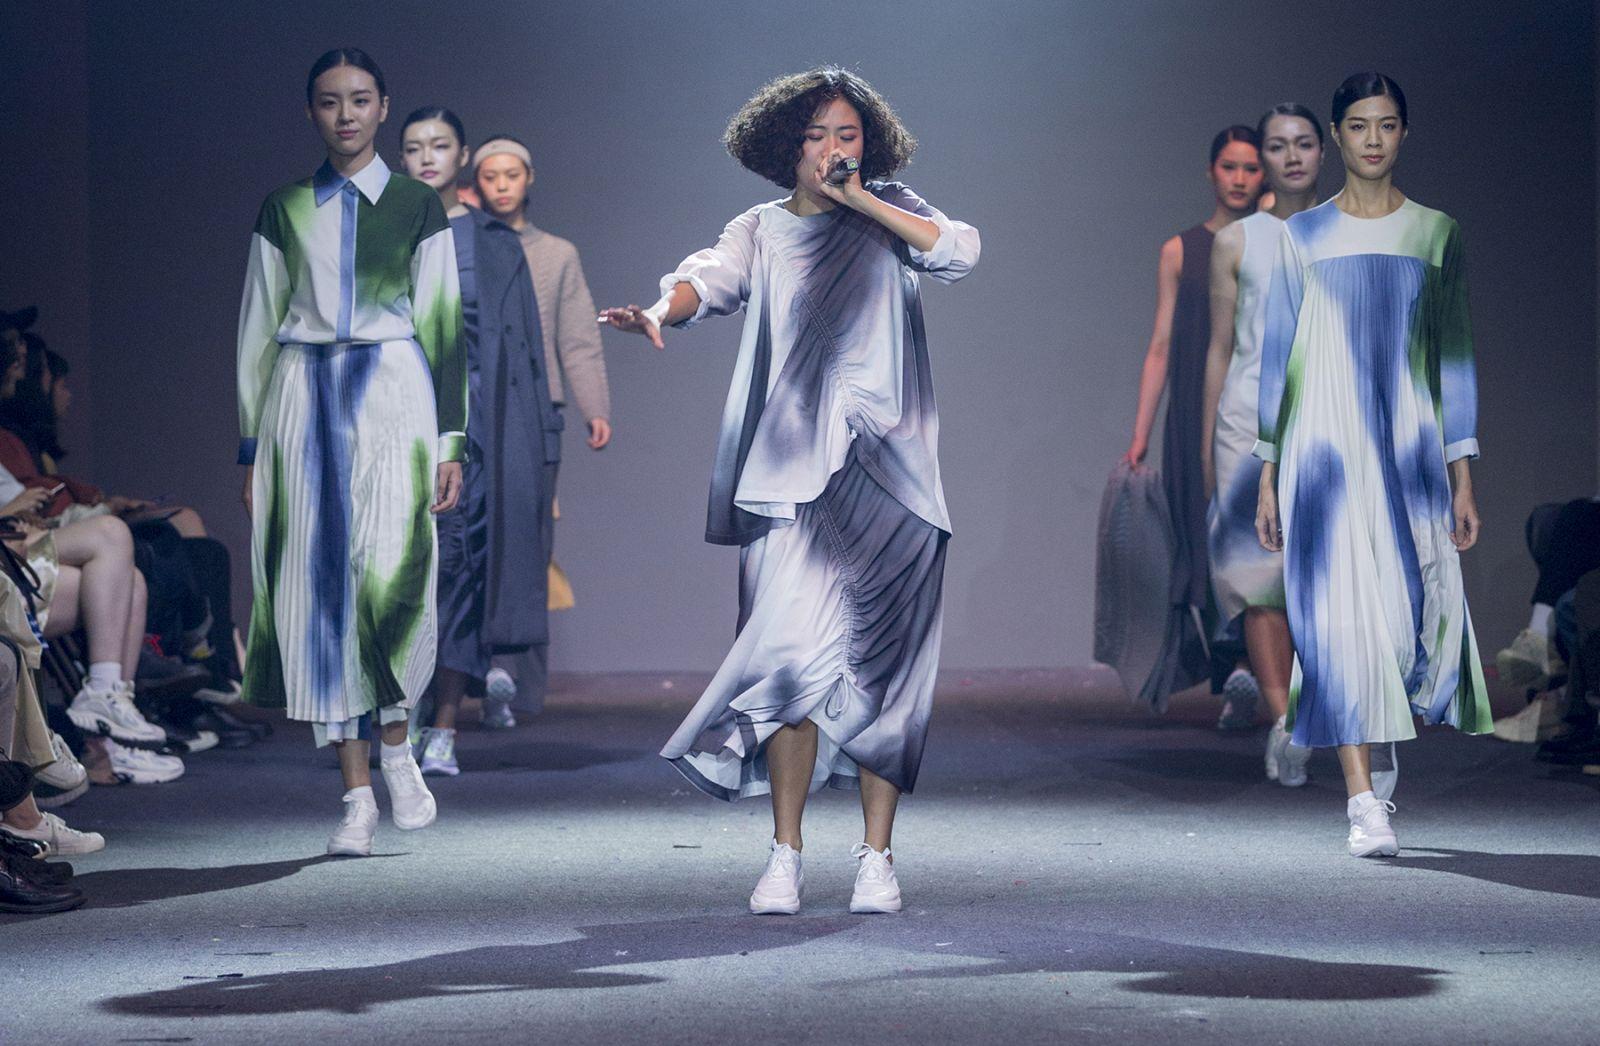 """实践大学服装设计学系力邀系友台湾爵士新女声""""9m88""""于开场前带来两首音乐表演。"""